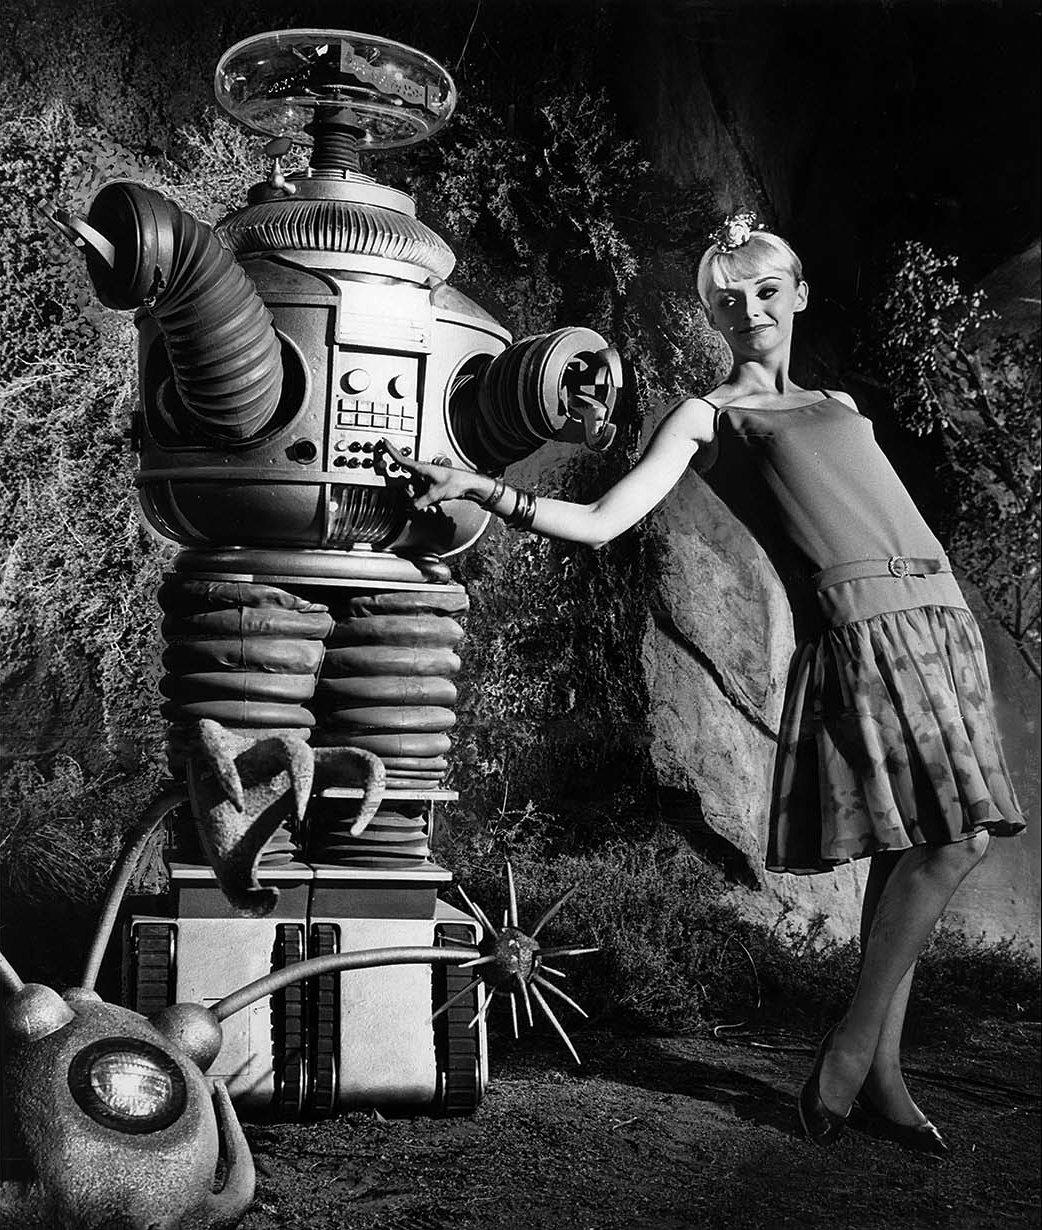 B-9 – famous robot